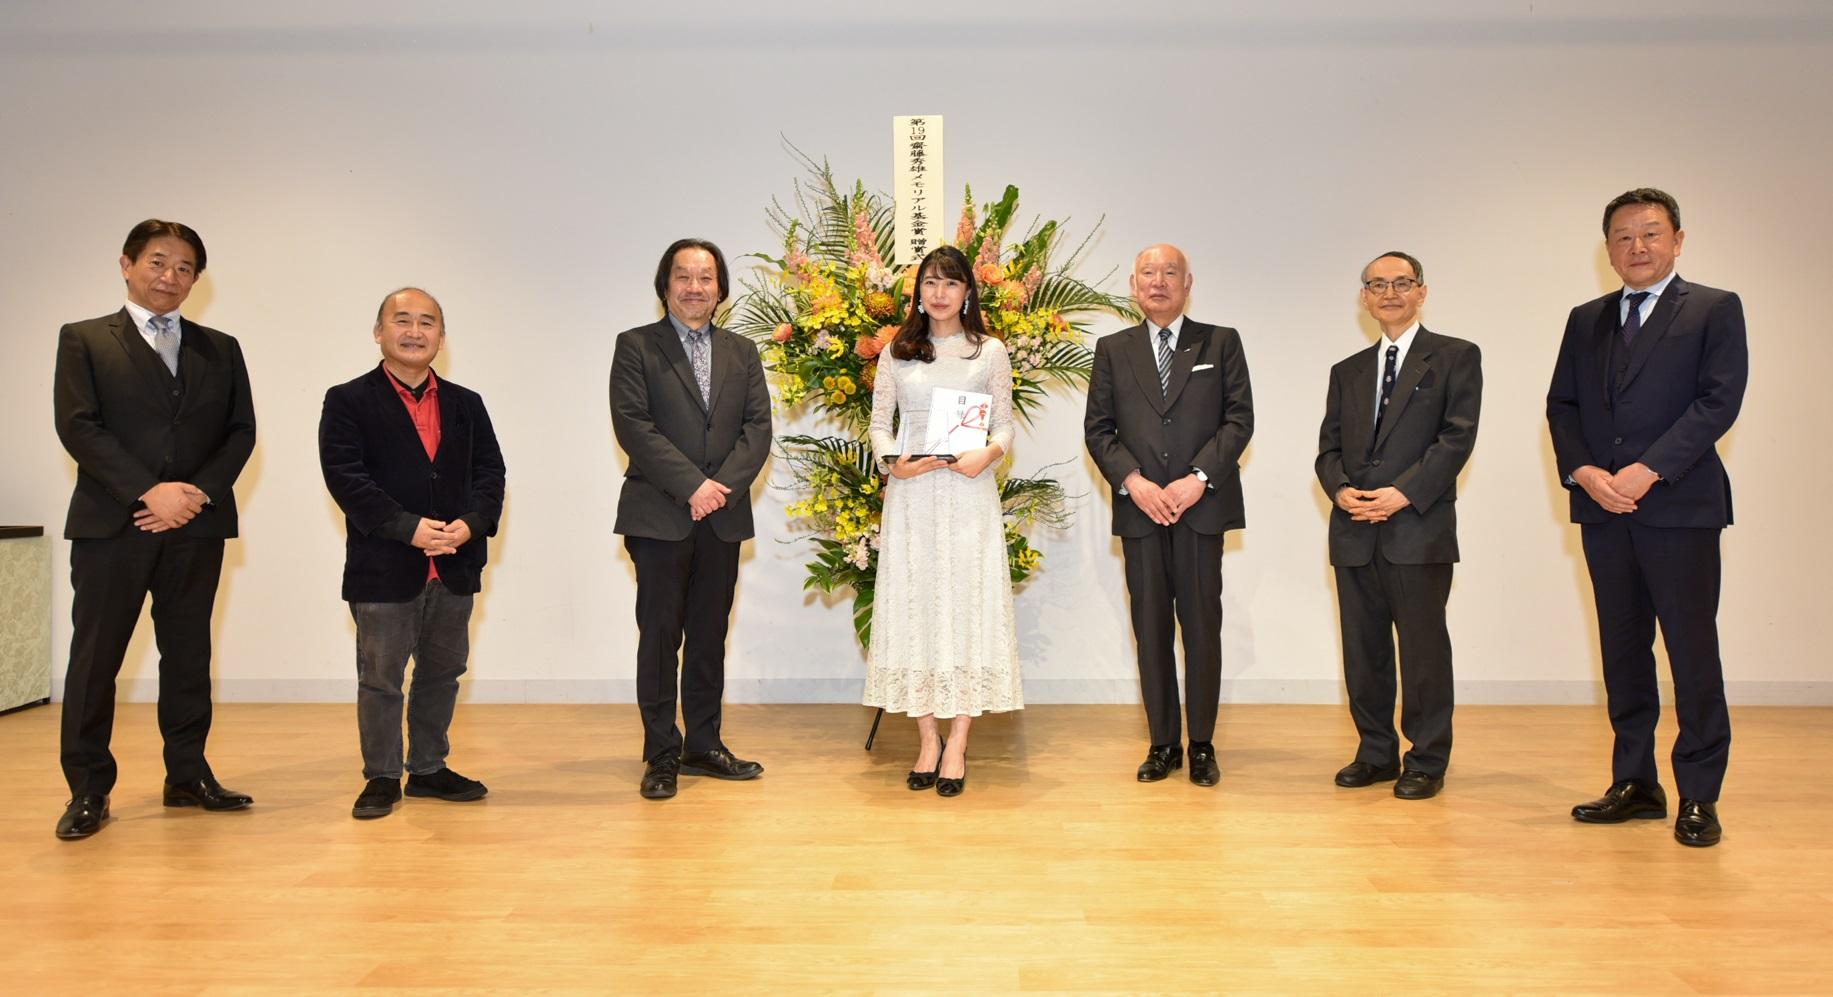 第19回 齋藤秀雄メモリアル基金賞